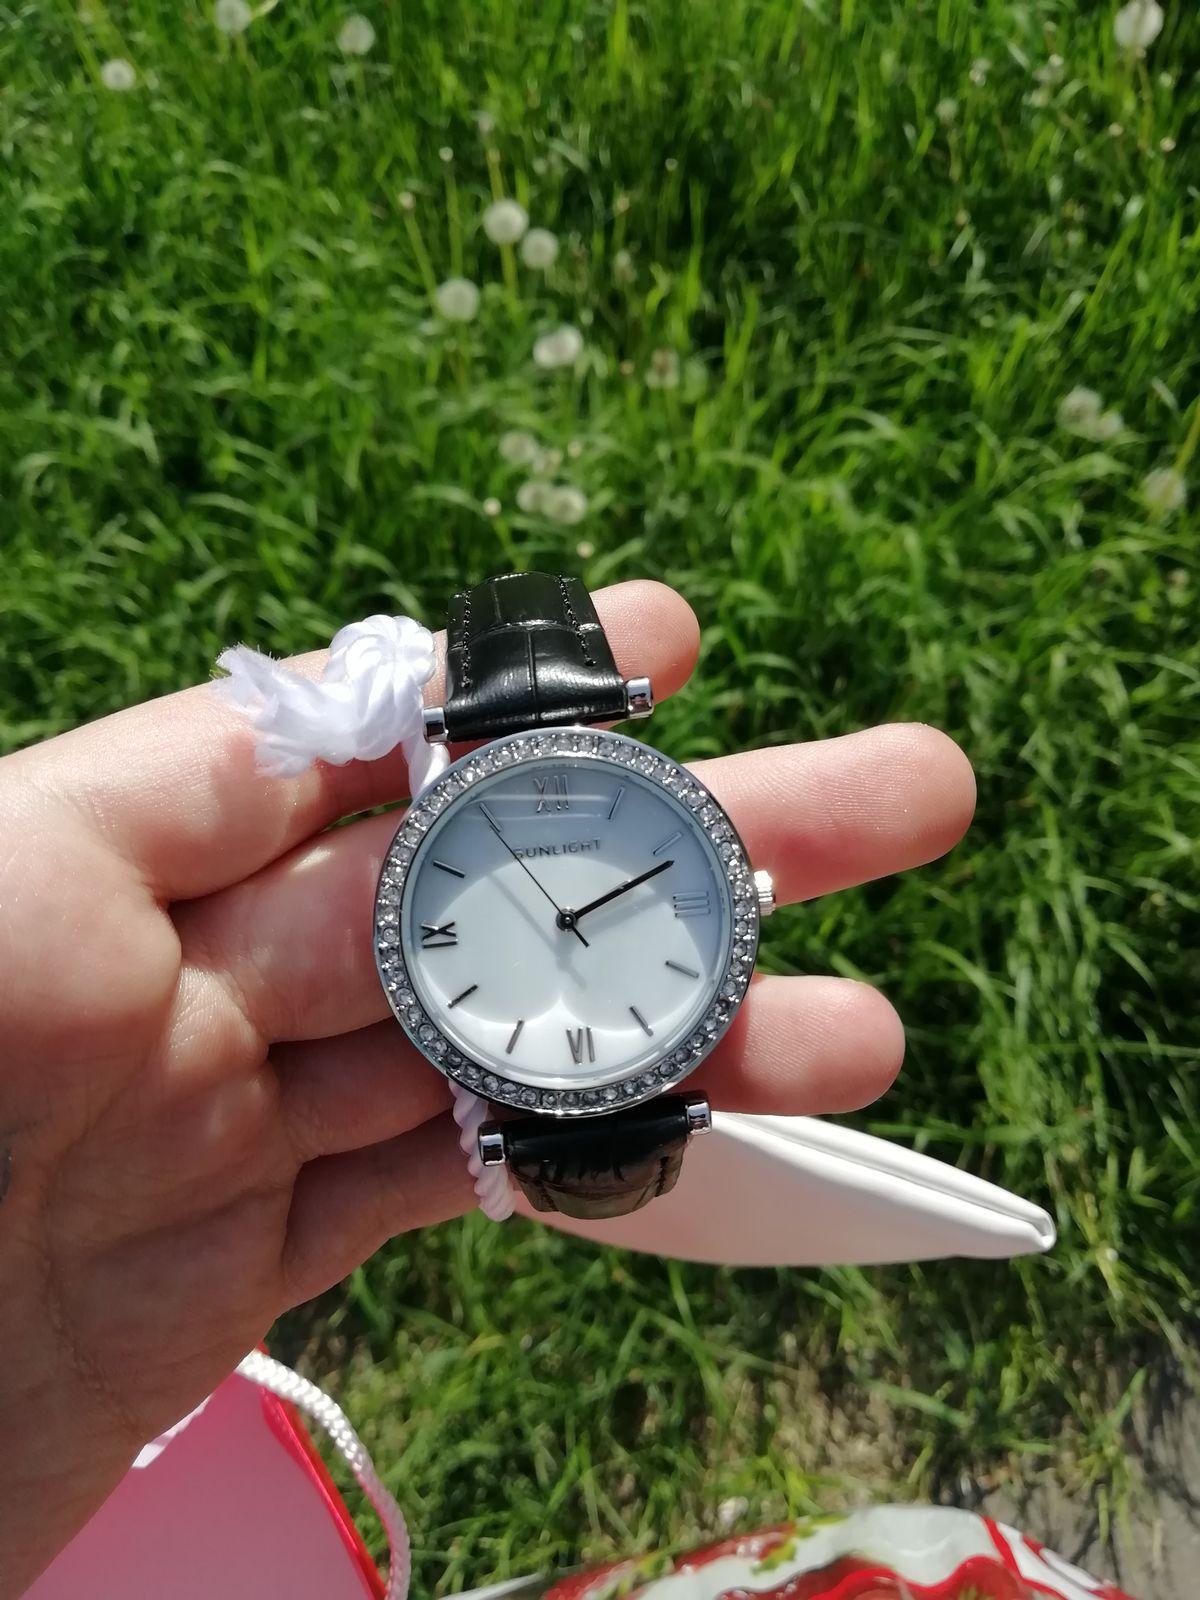 Просто шикарные женские часы по такой низкой стоимости, цена очень низкая